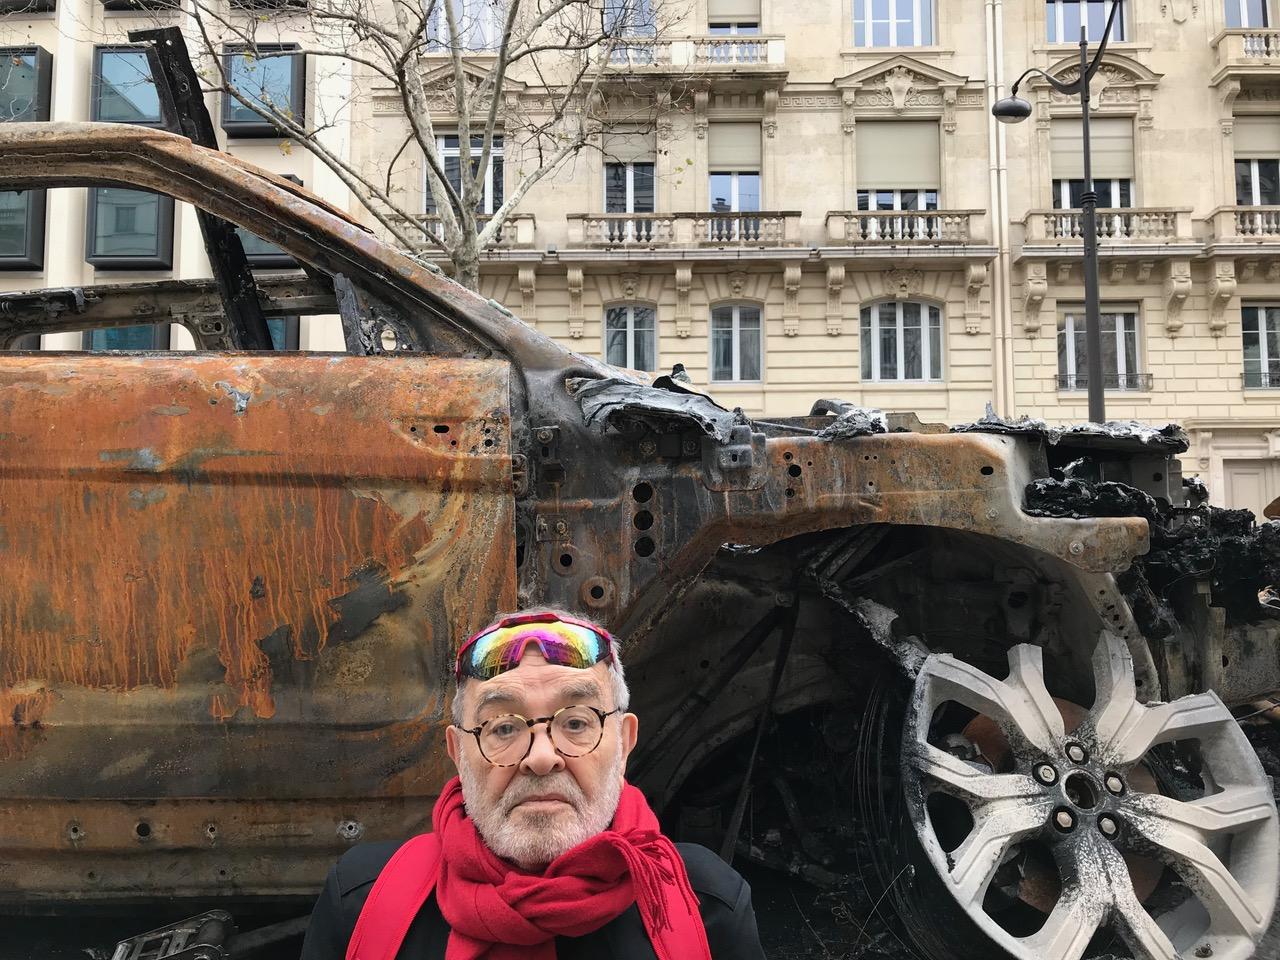 Fernando-Arrabal-cimetiere-de-voitures